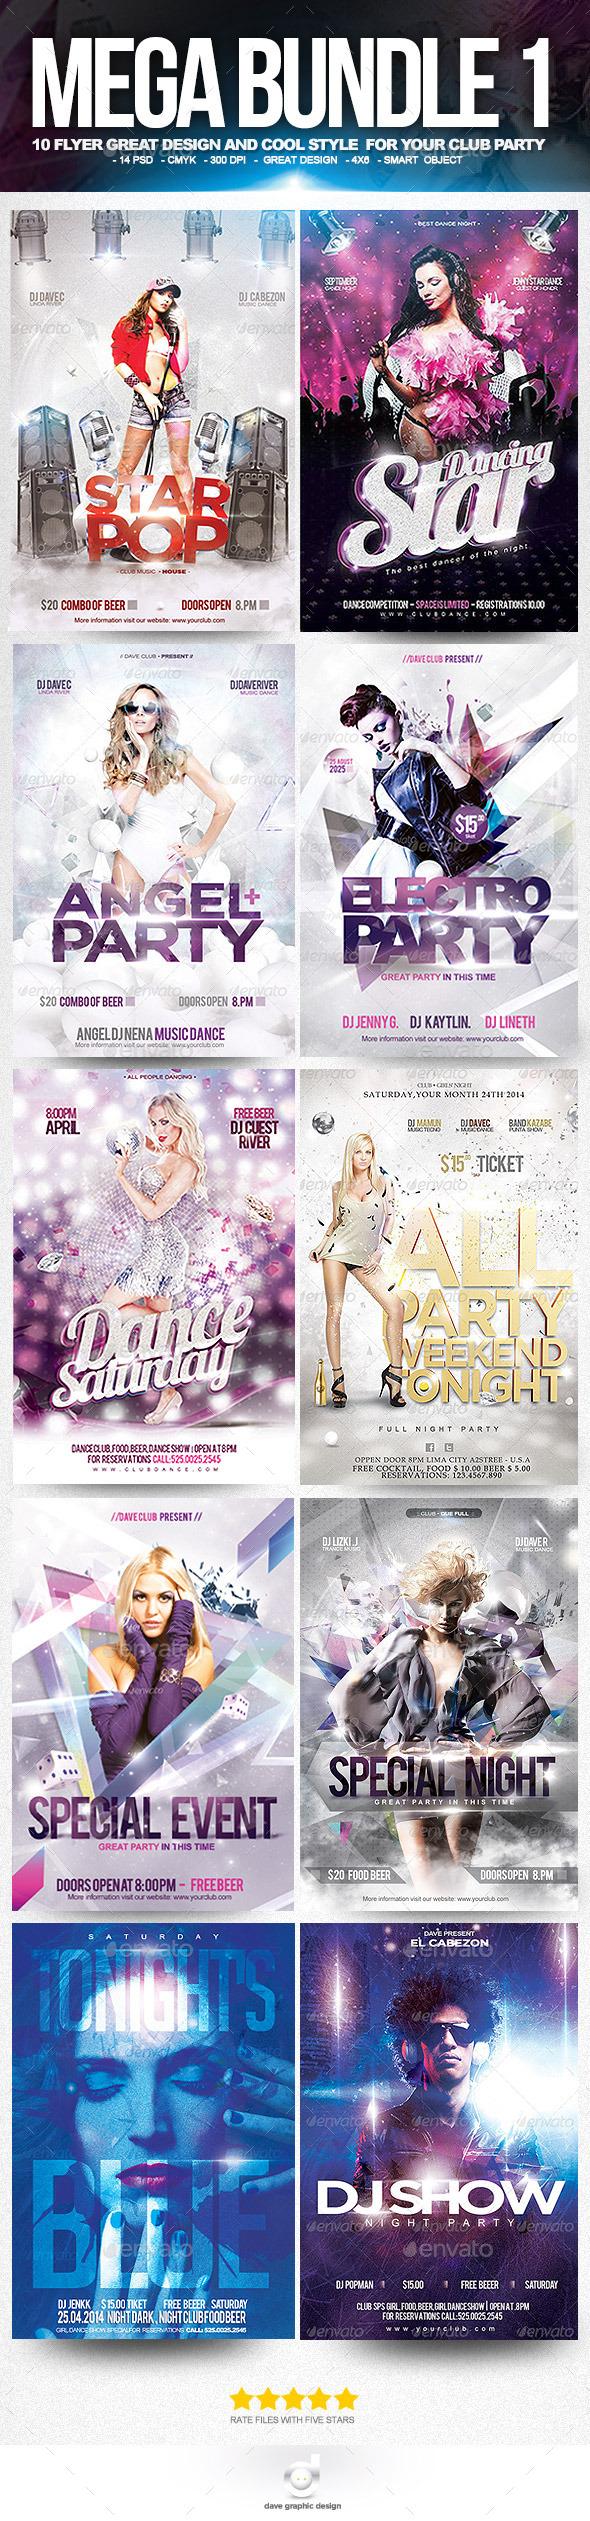 Mega Bundle Flyer Club Party  - Clubs & Parties Events